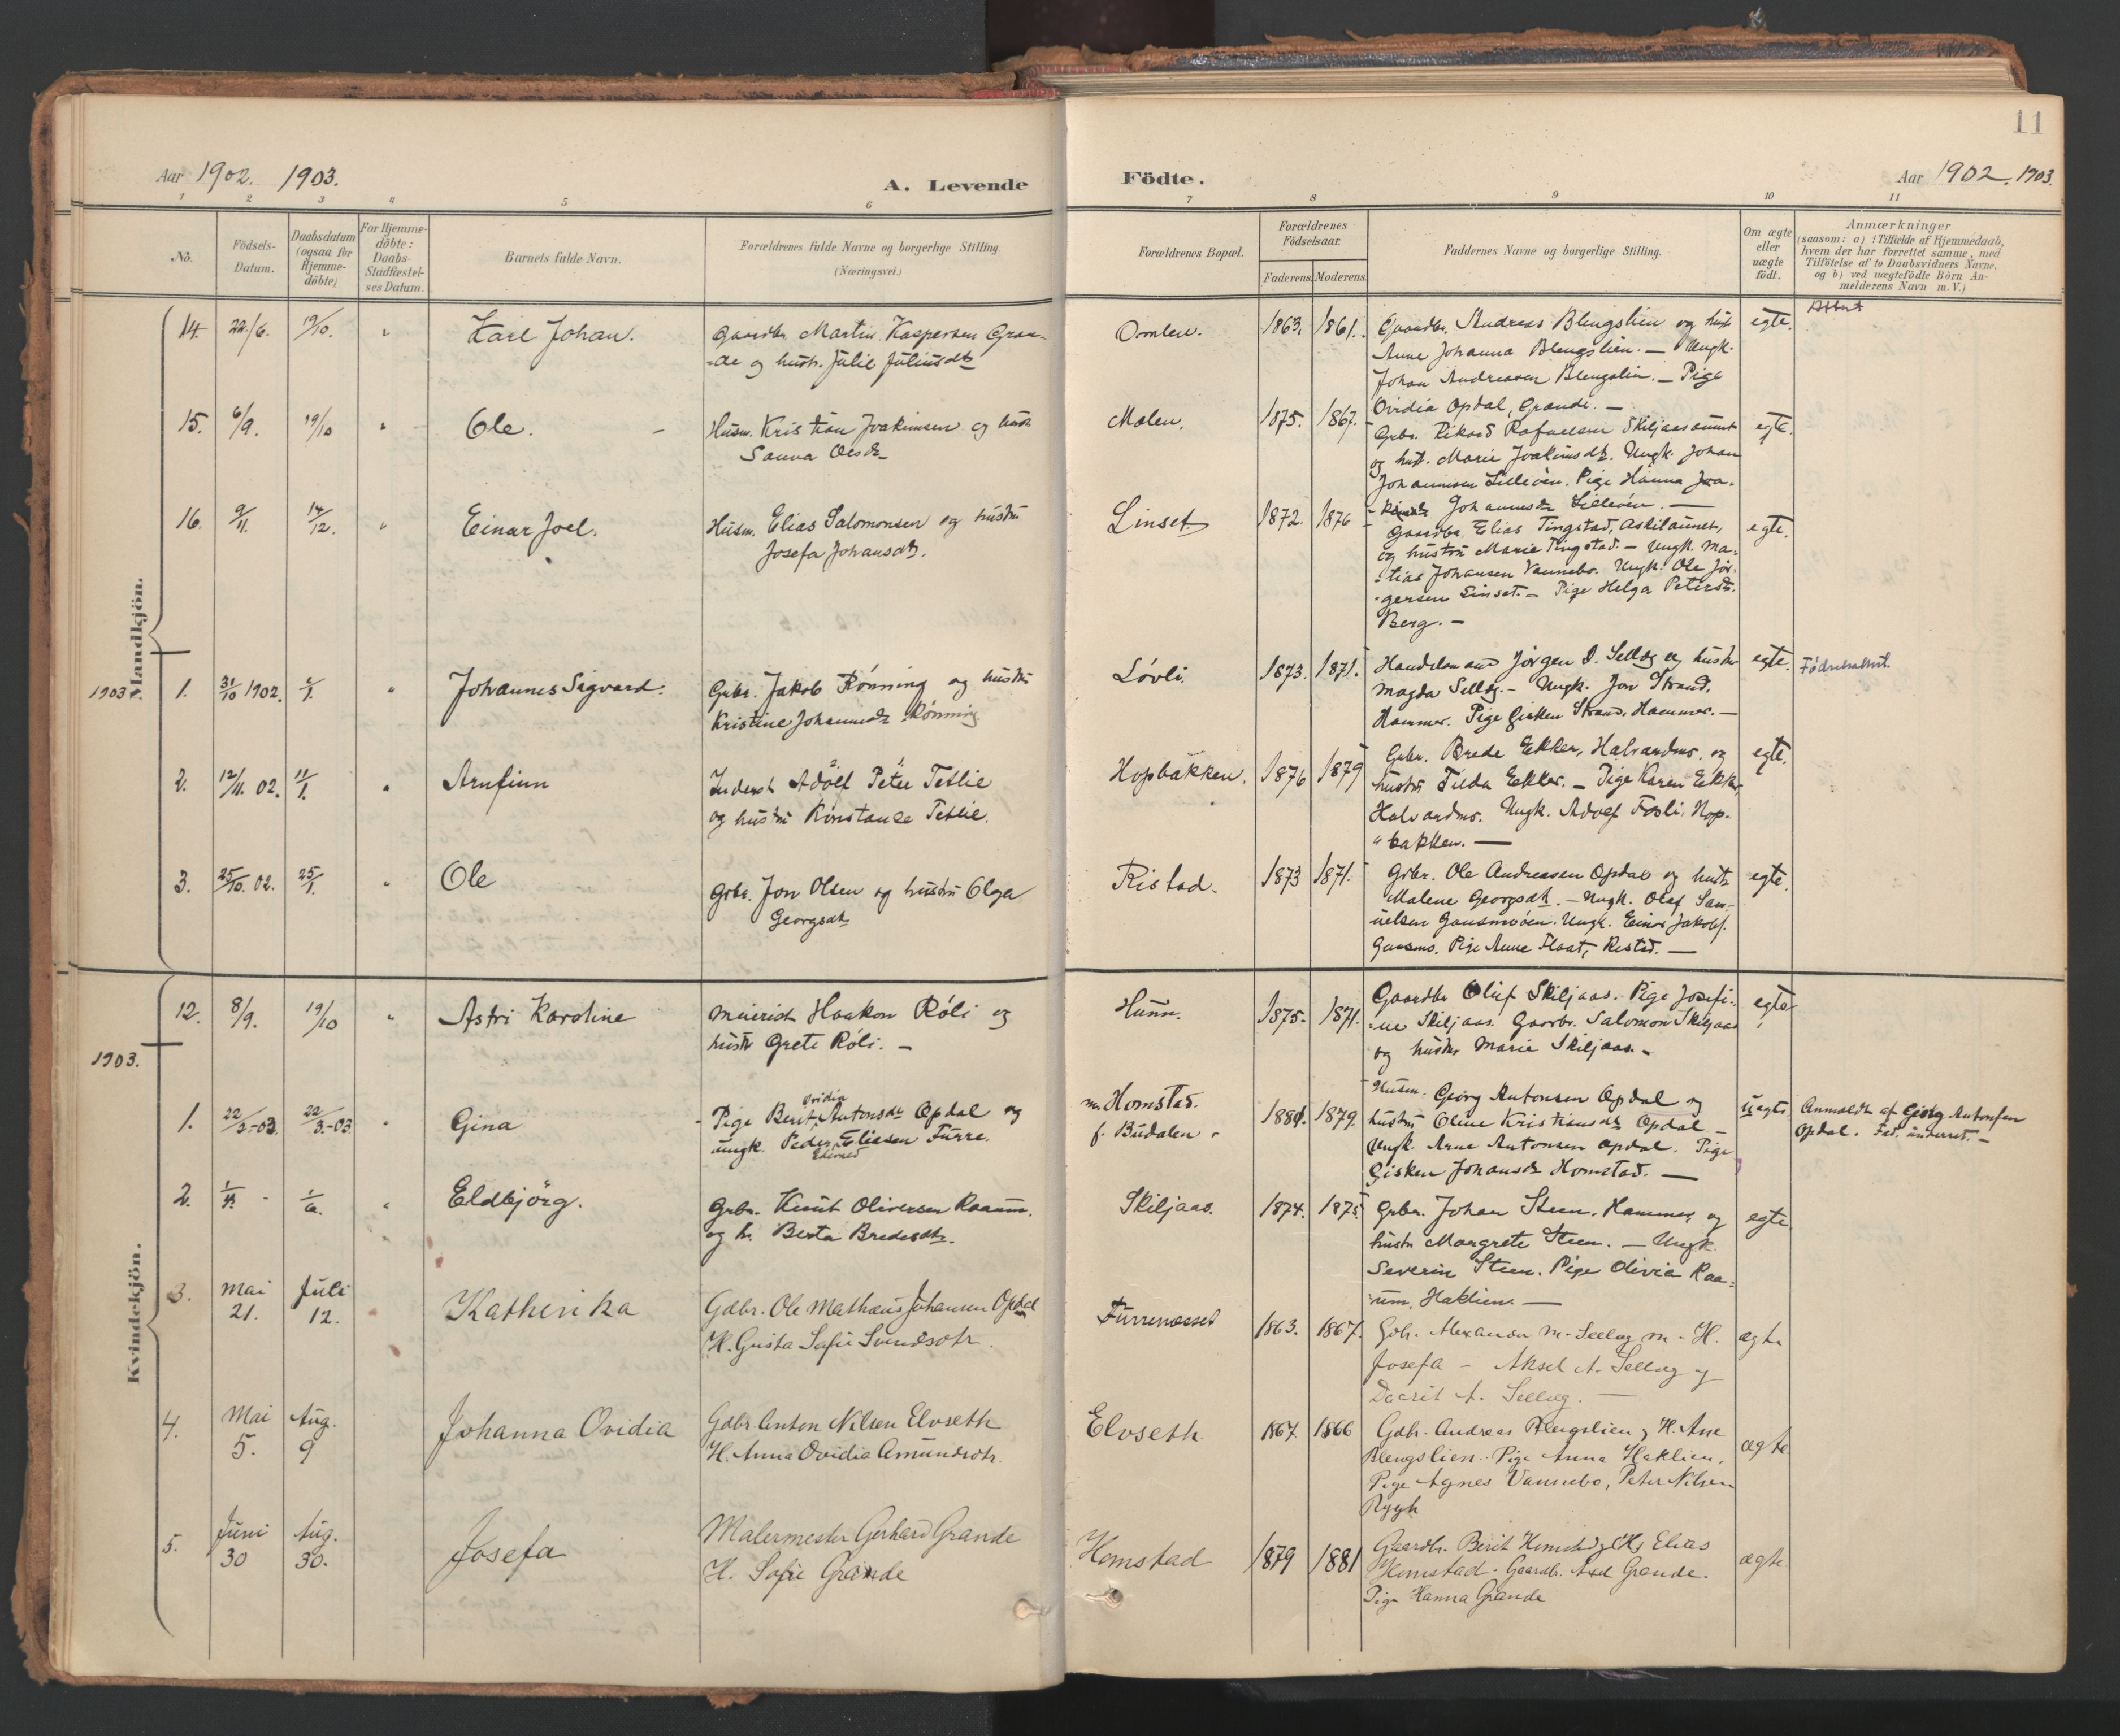 SAT, Ministerialprotokoller, klokkerbøker og fødselsregistre - Nord-Trøndelag, 766/L0564: Ministerialbok nr. 767A02, 1900-1932, s. 11